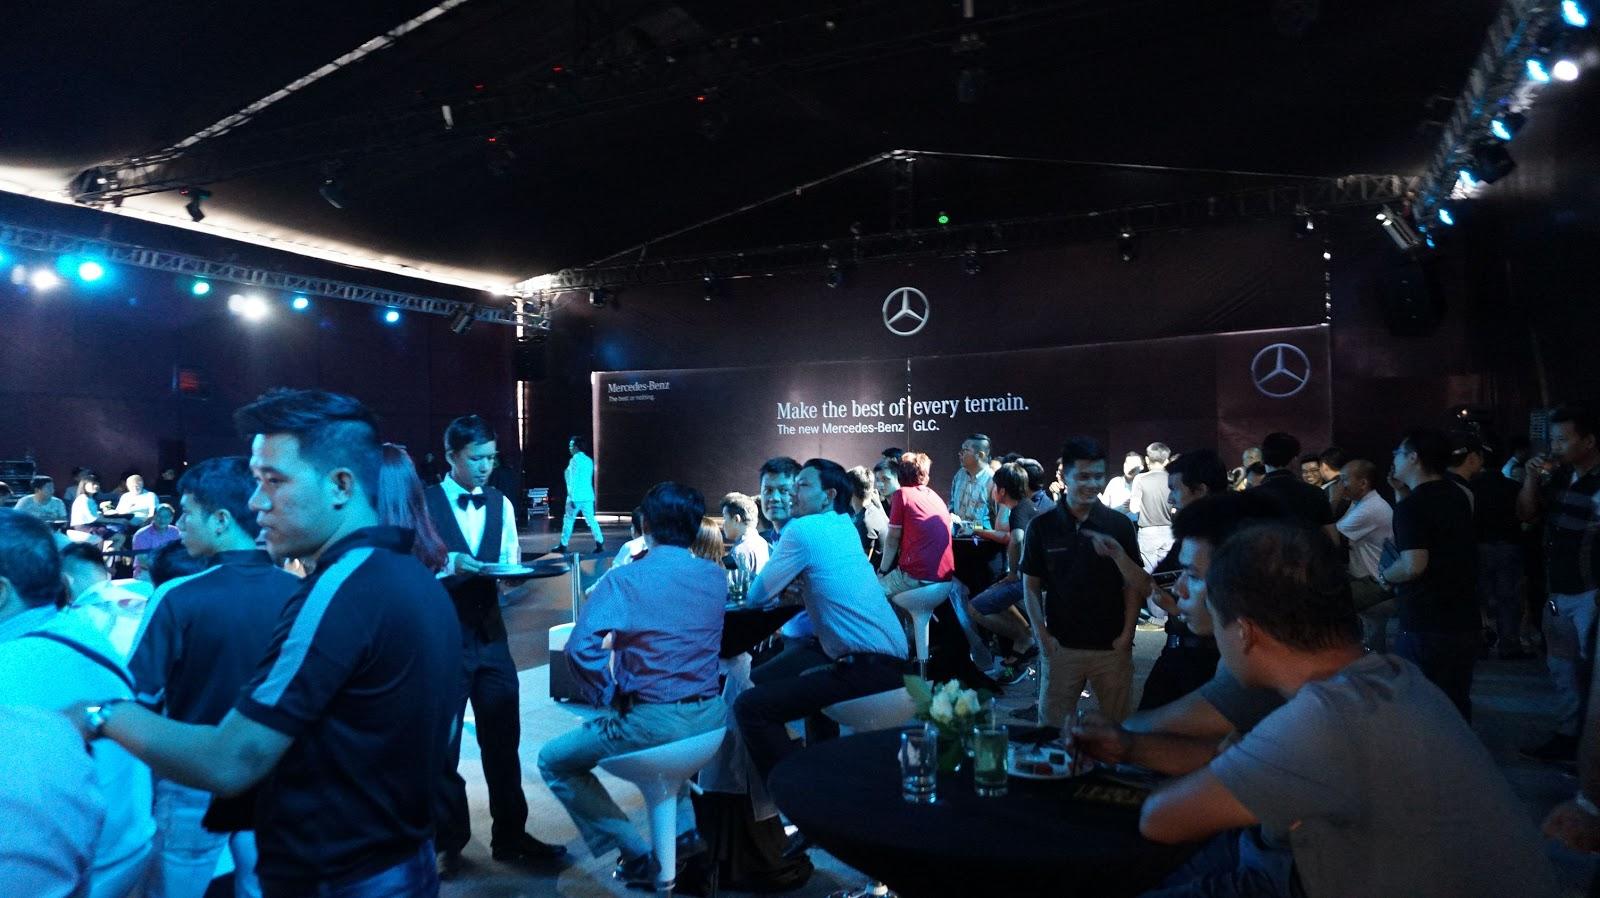 Rất đông khách mời tham dự buổi ra mắt Mercedes Benz GLC 2016, dự kiến chương trình kéo dài hết ngày 23/4/2016